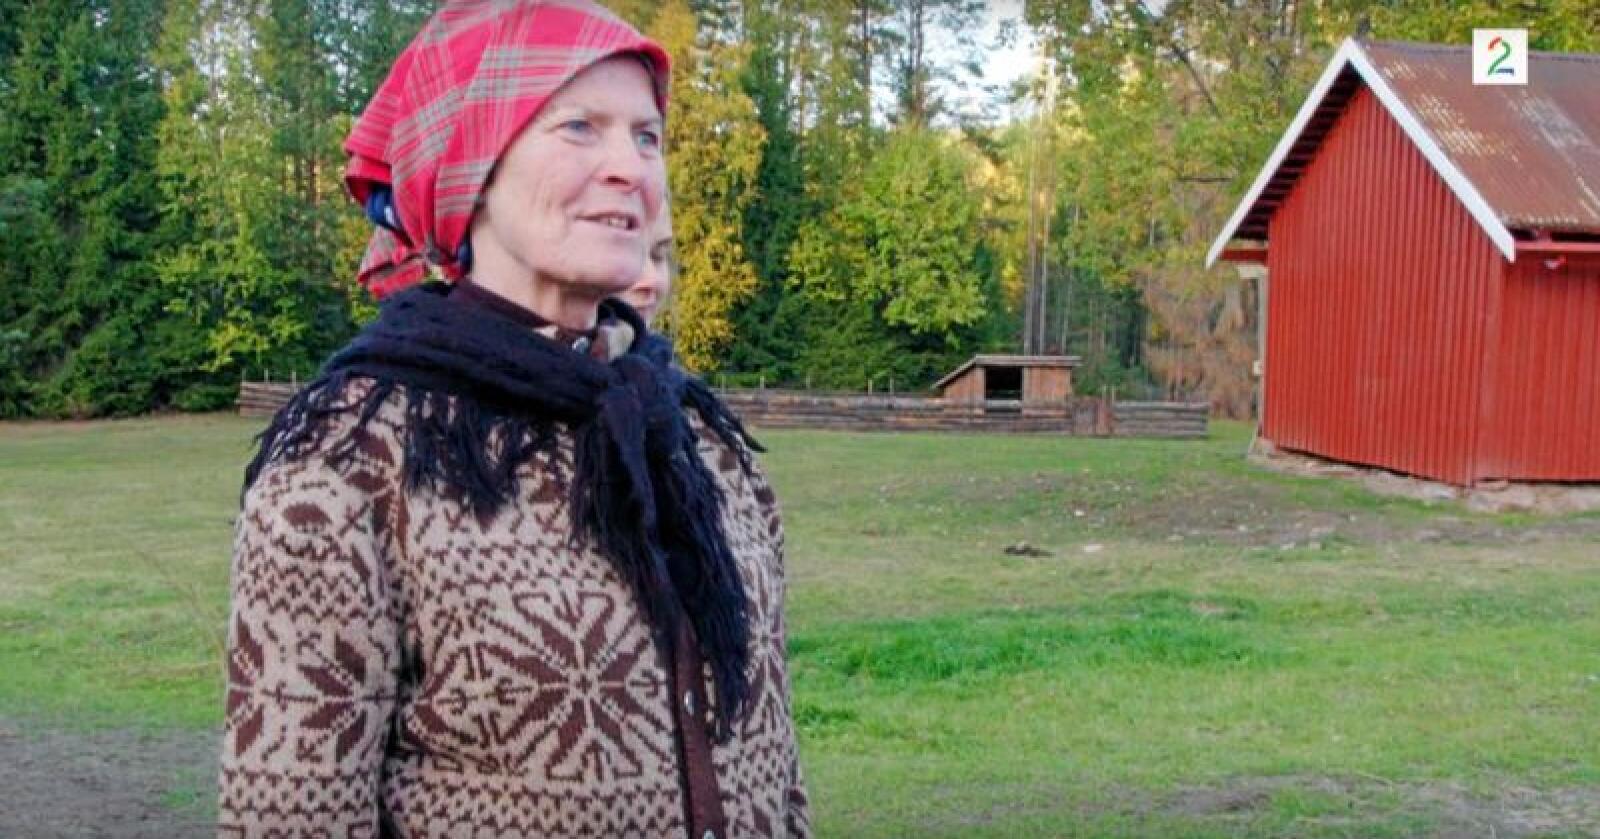 Merete Furuberg kom til Farmen for å  hente mohairgeitene som har levd kjendislivet på garden Gjedtjernet i sommar. Foto frå programmet, brukt med løyve frå TV 2